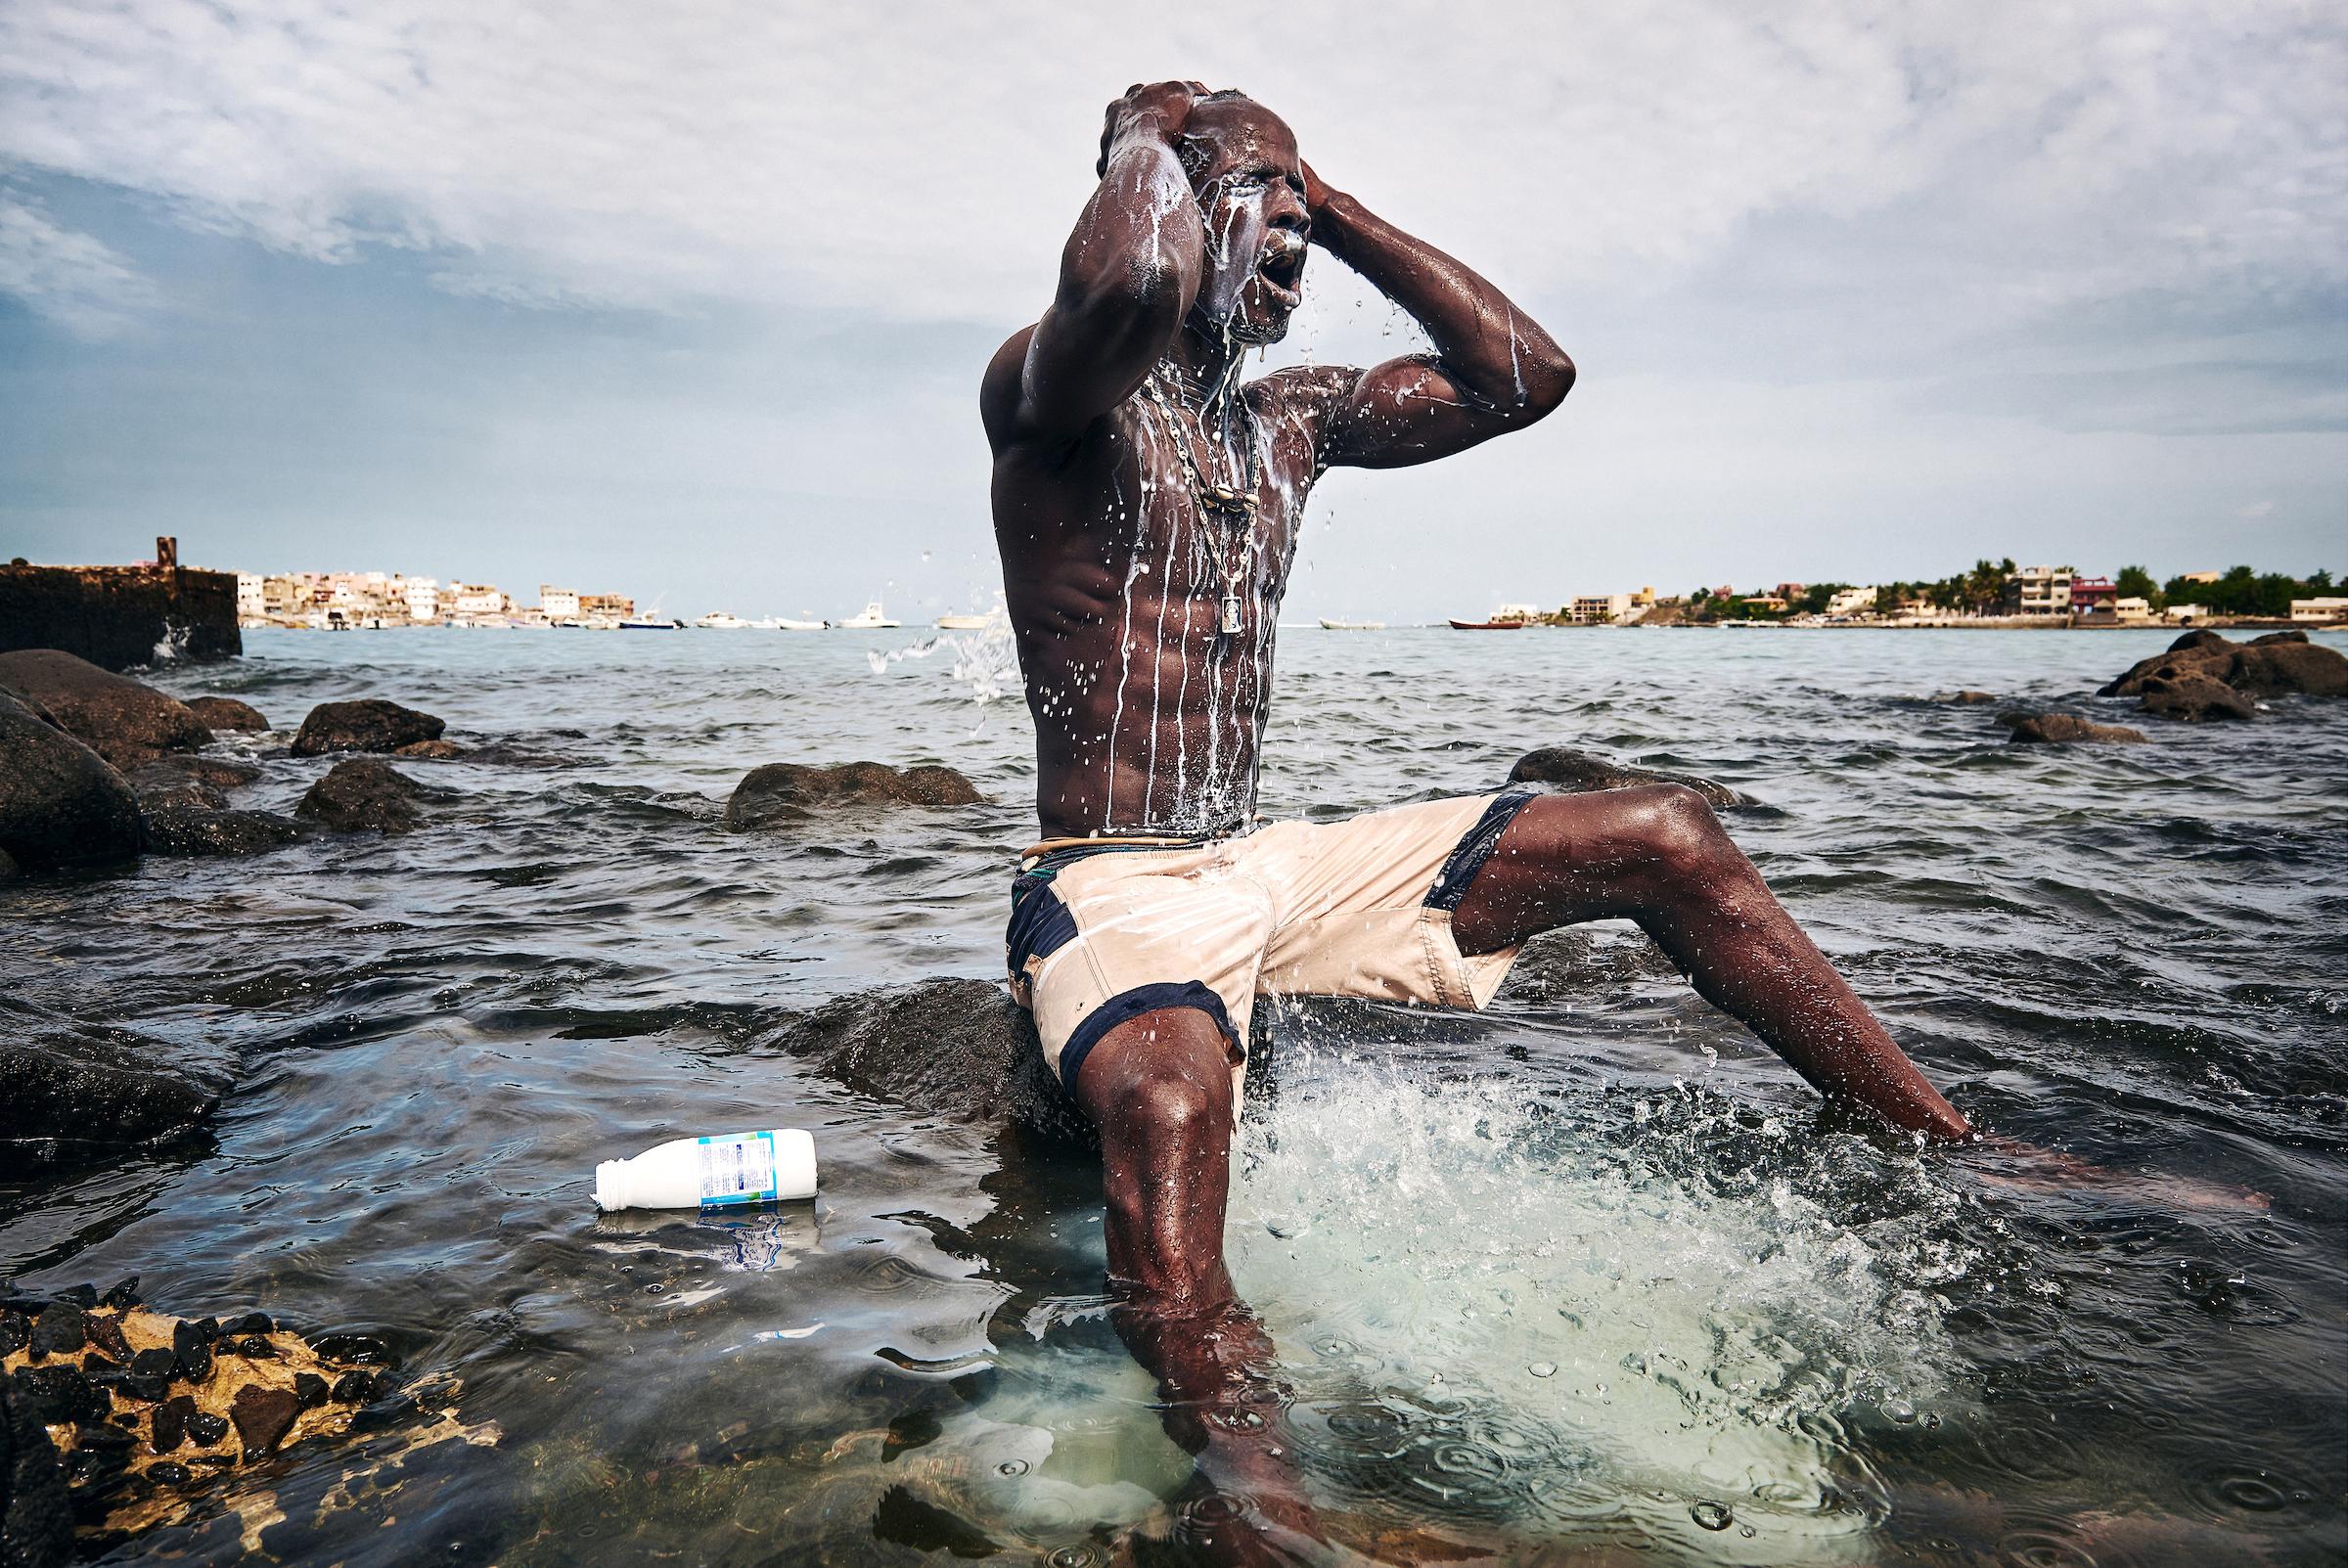 11. August 2015. Kherou Ngor übergiesst seinen Körper im Wasser am Strand von Ngor mit Kuhmilch. Er führt dieses Ritual durch, um sich mit der Kraft eines mächtigen Geistes zu verbinden, der angeblich im Wasser und den Felsen am Ufer des Strands von Ngor lebt.